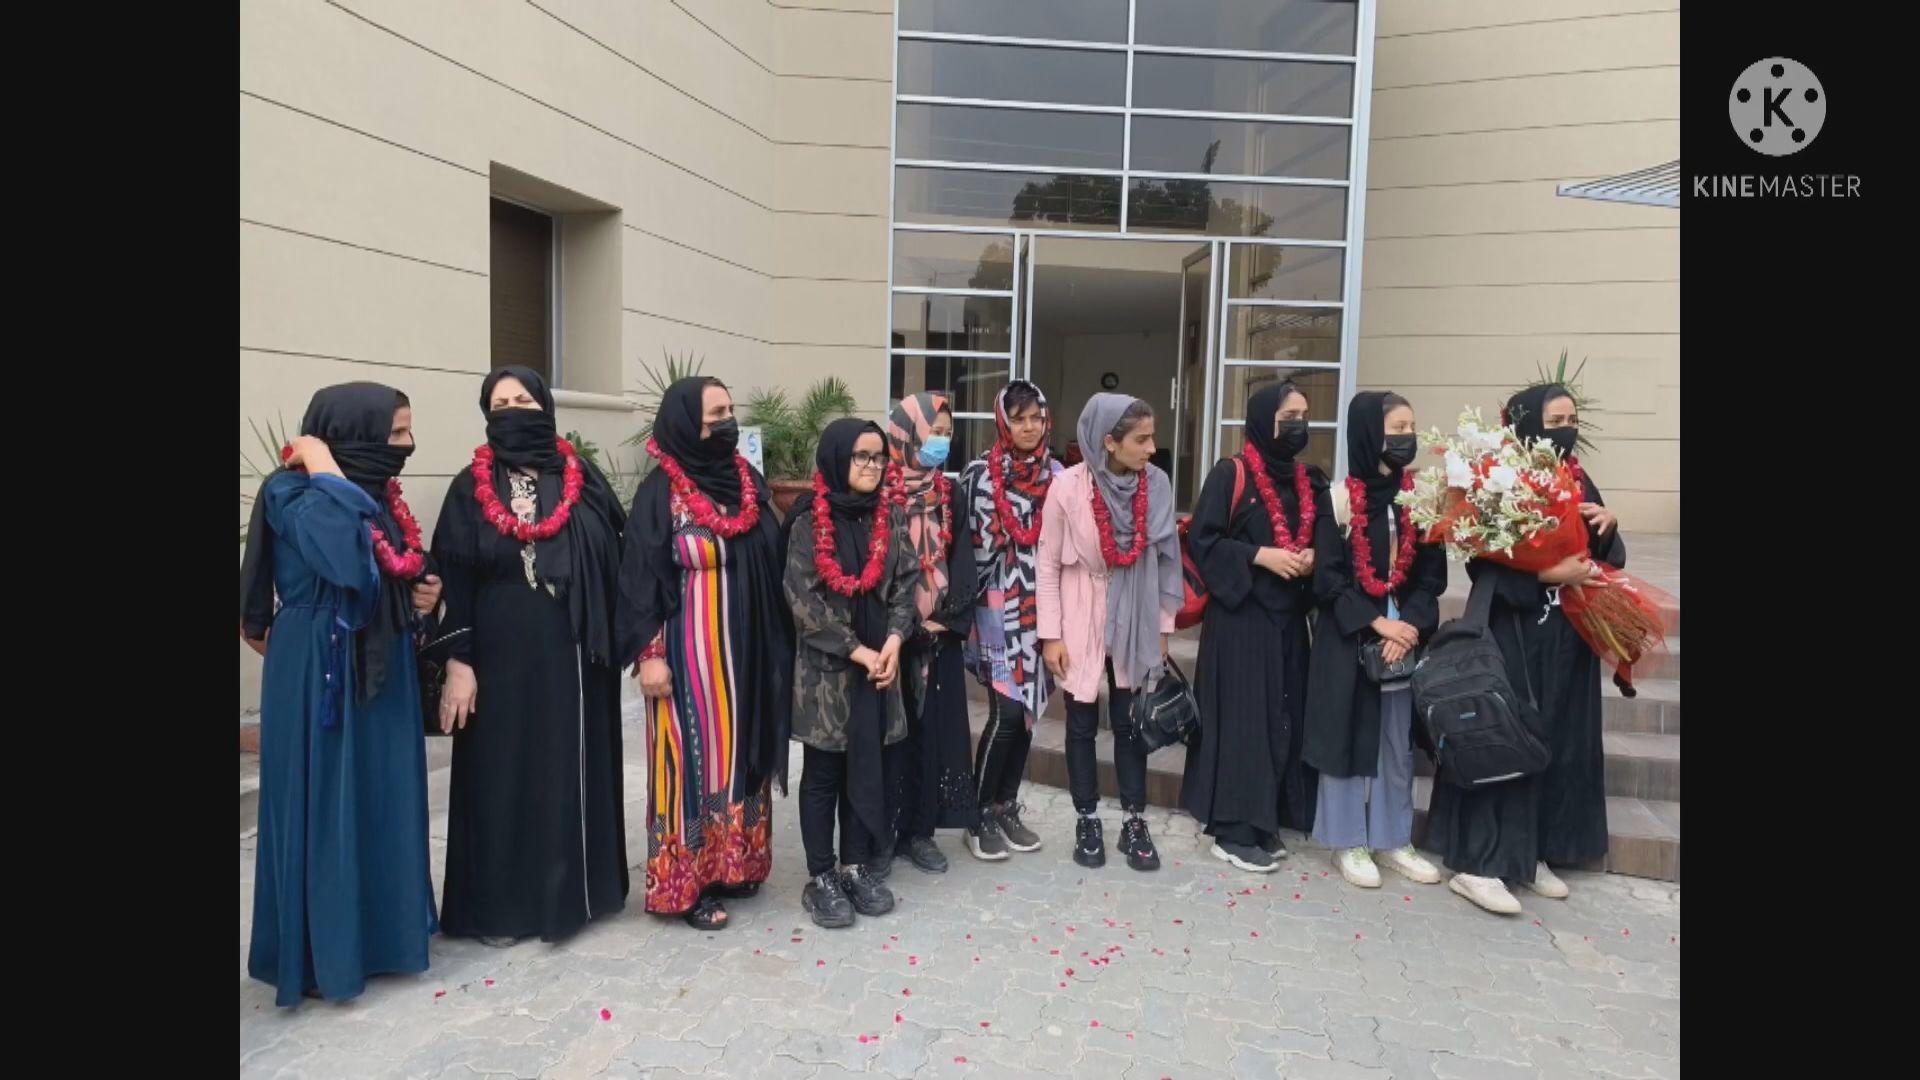 阿富汗女足成員及其家人逃到巴基斯坦